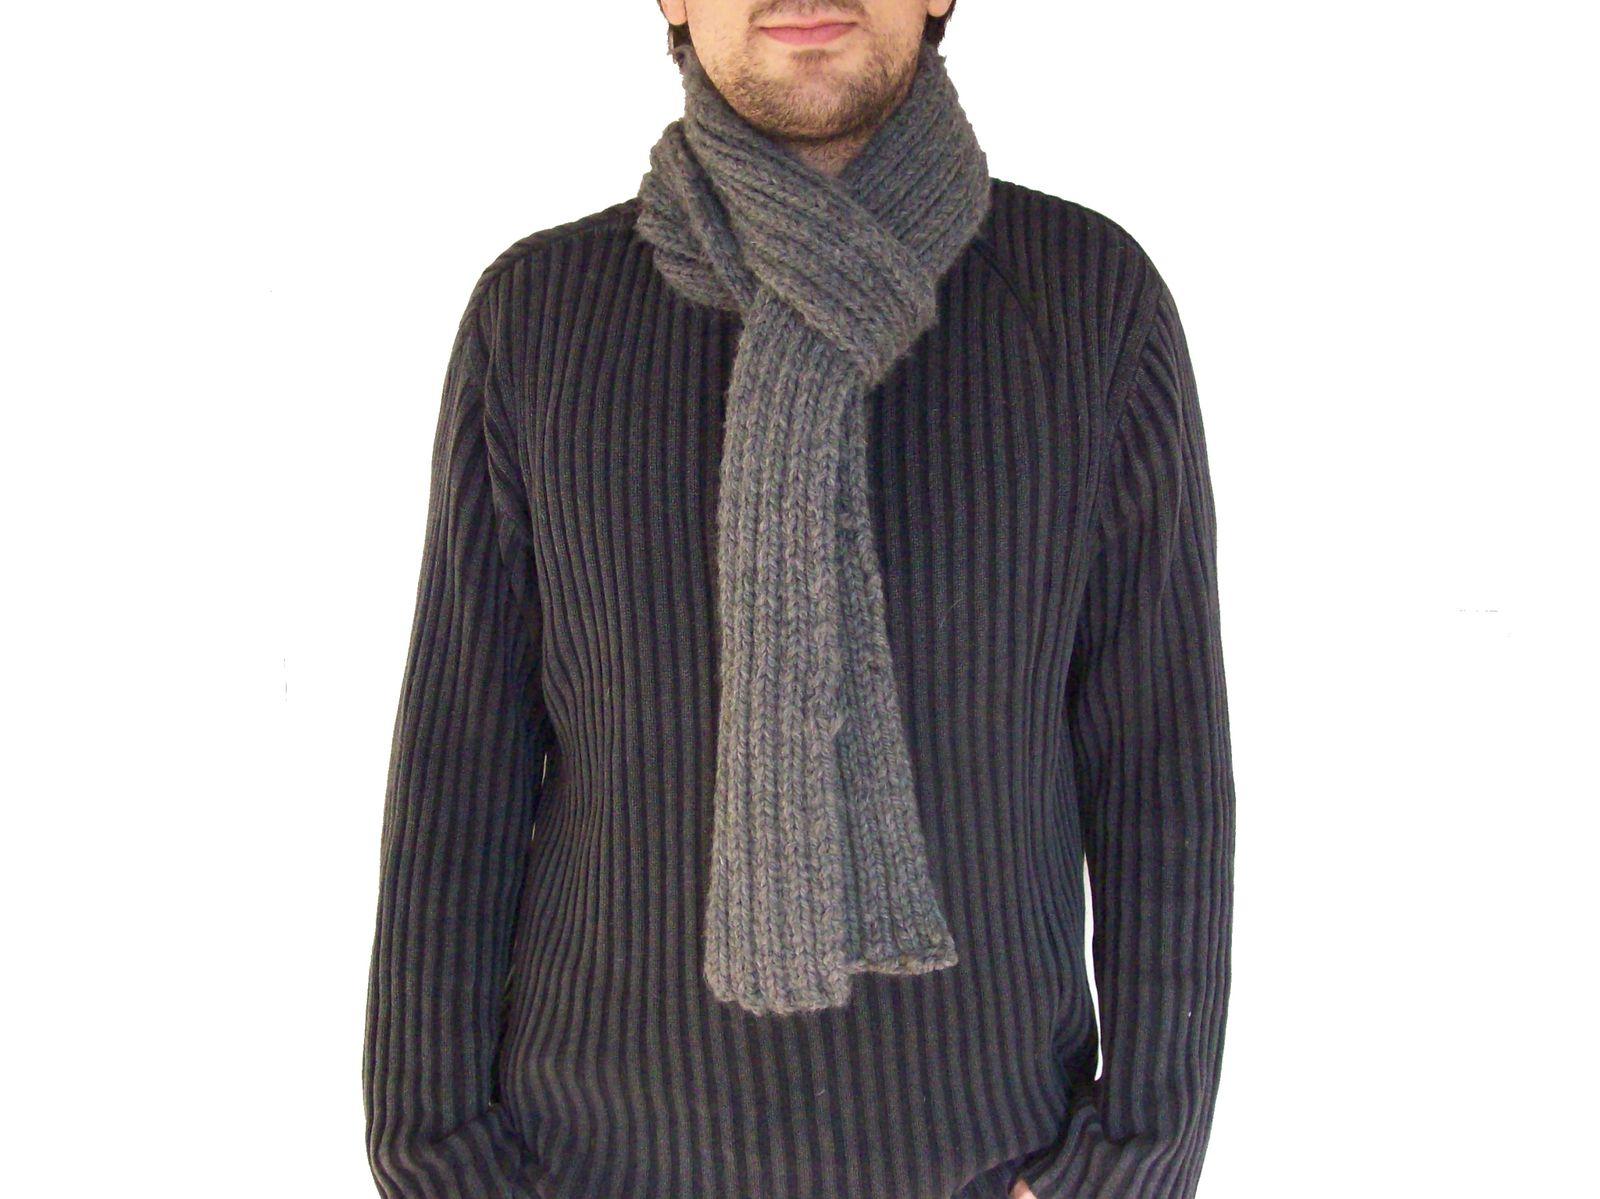 les kits tricot du renard le renard cr atif kit couture scrap tricot atelier. Black Bedroom Furniture Sets. Home Design Ideas